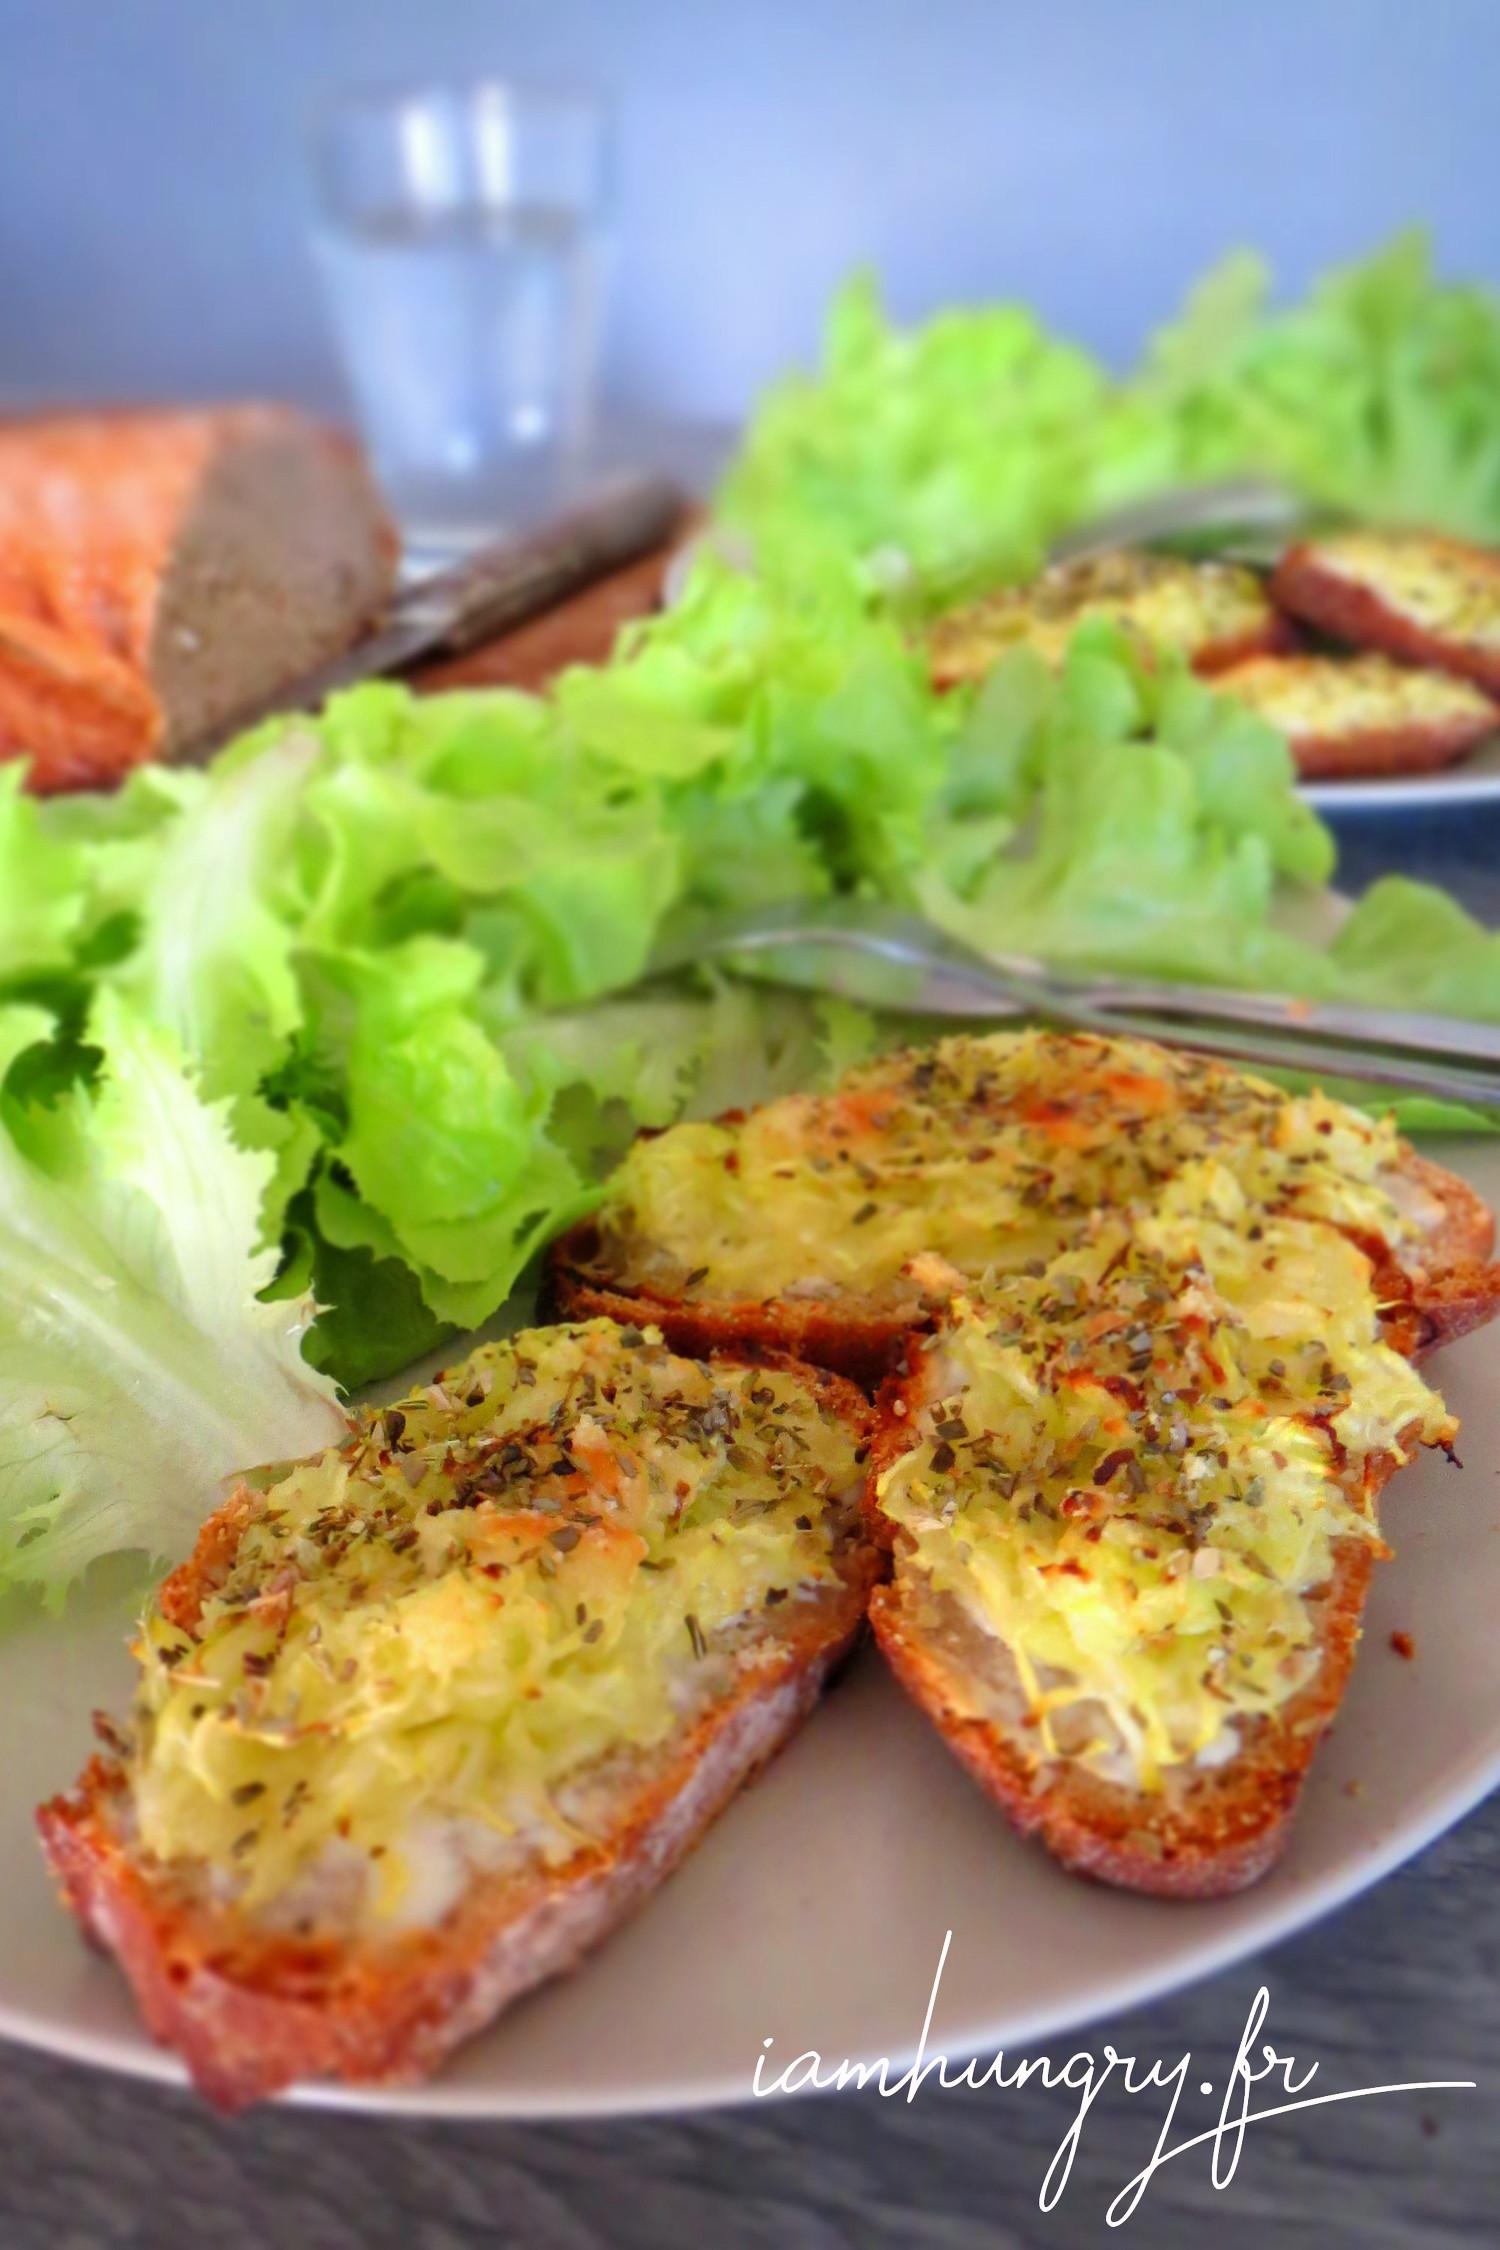 Tartines de courgettes grillées au four